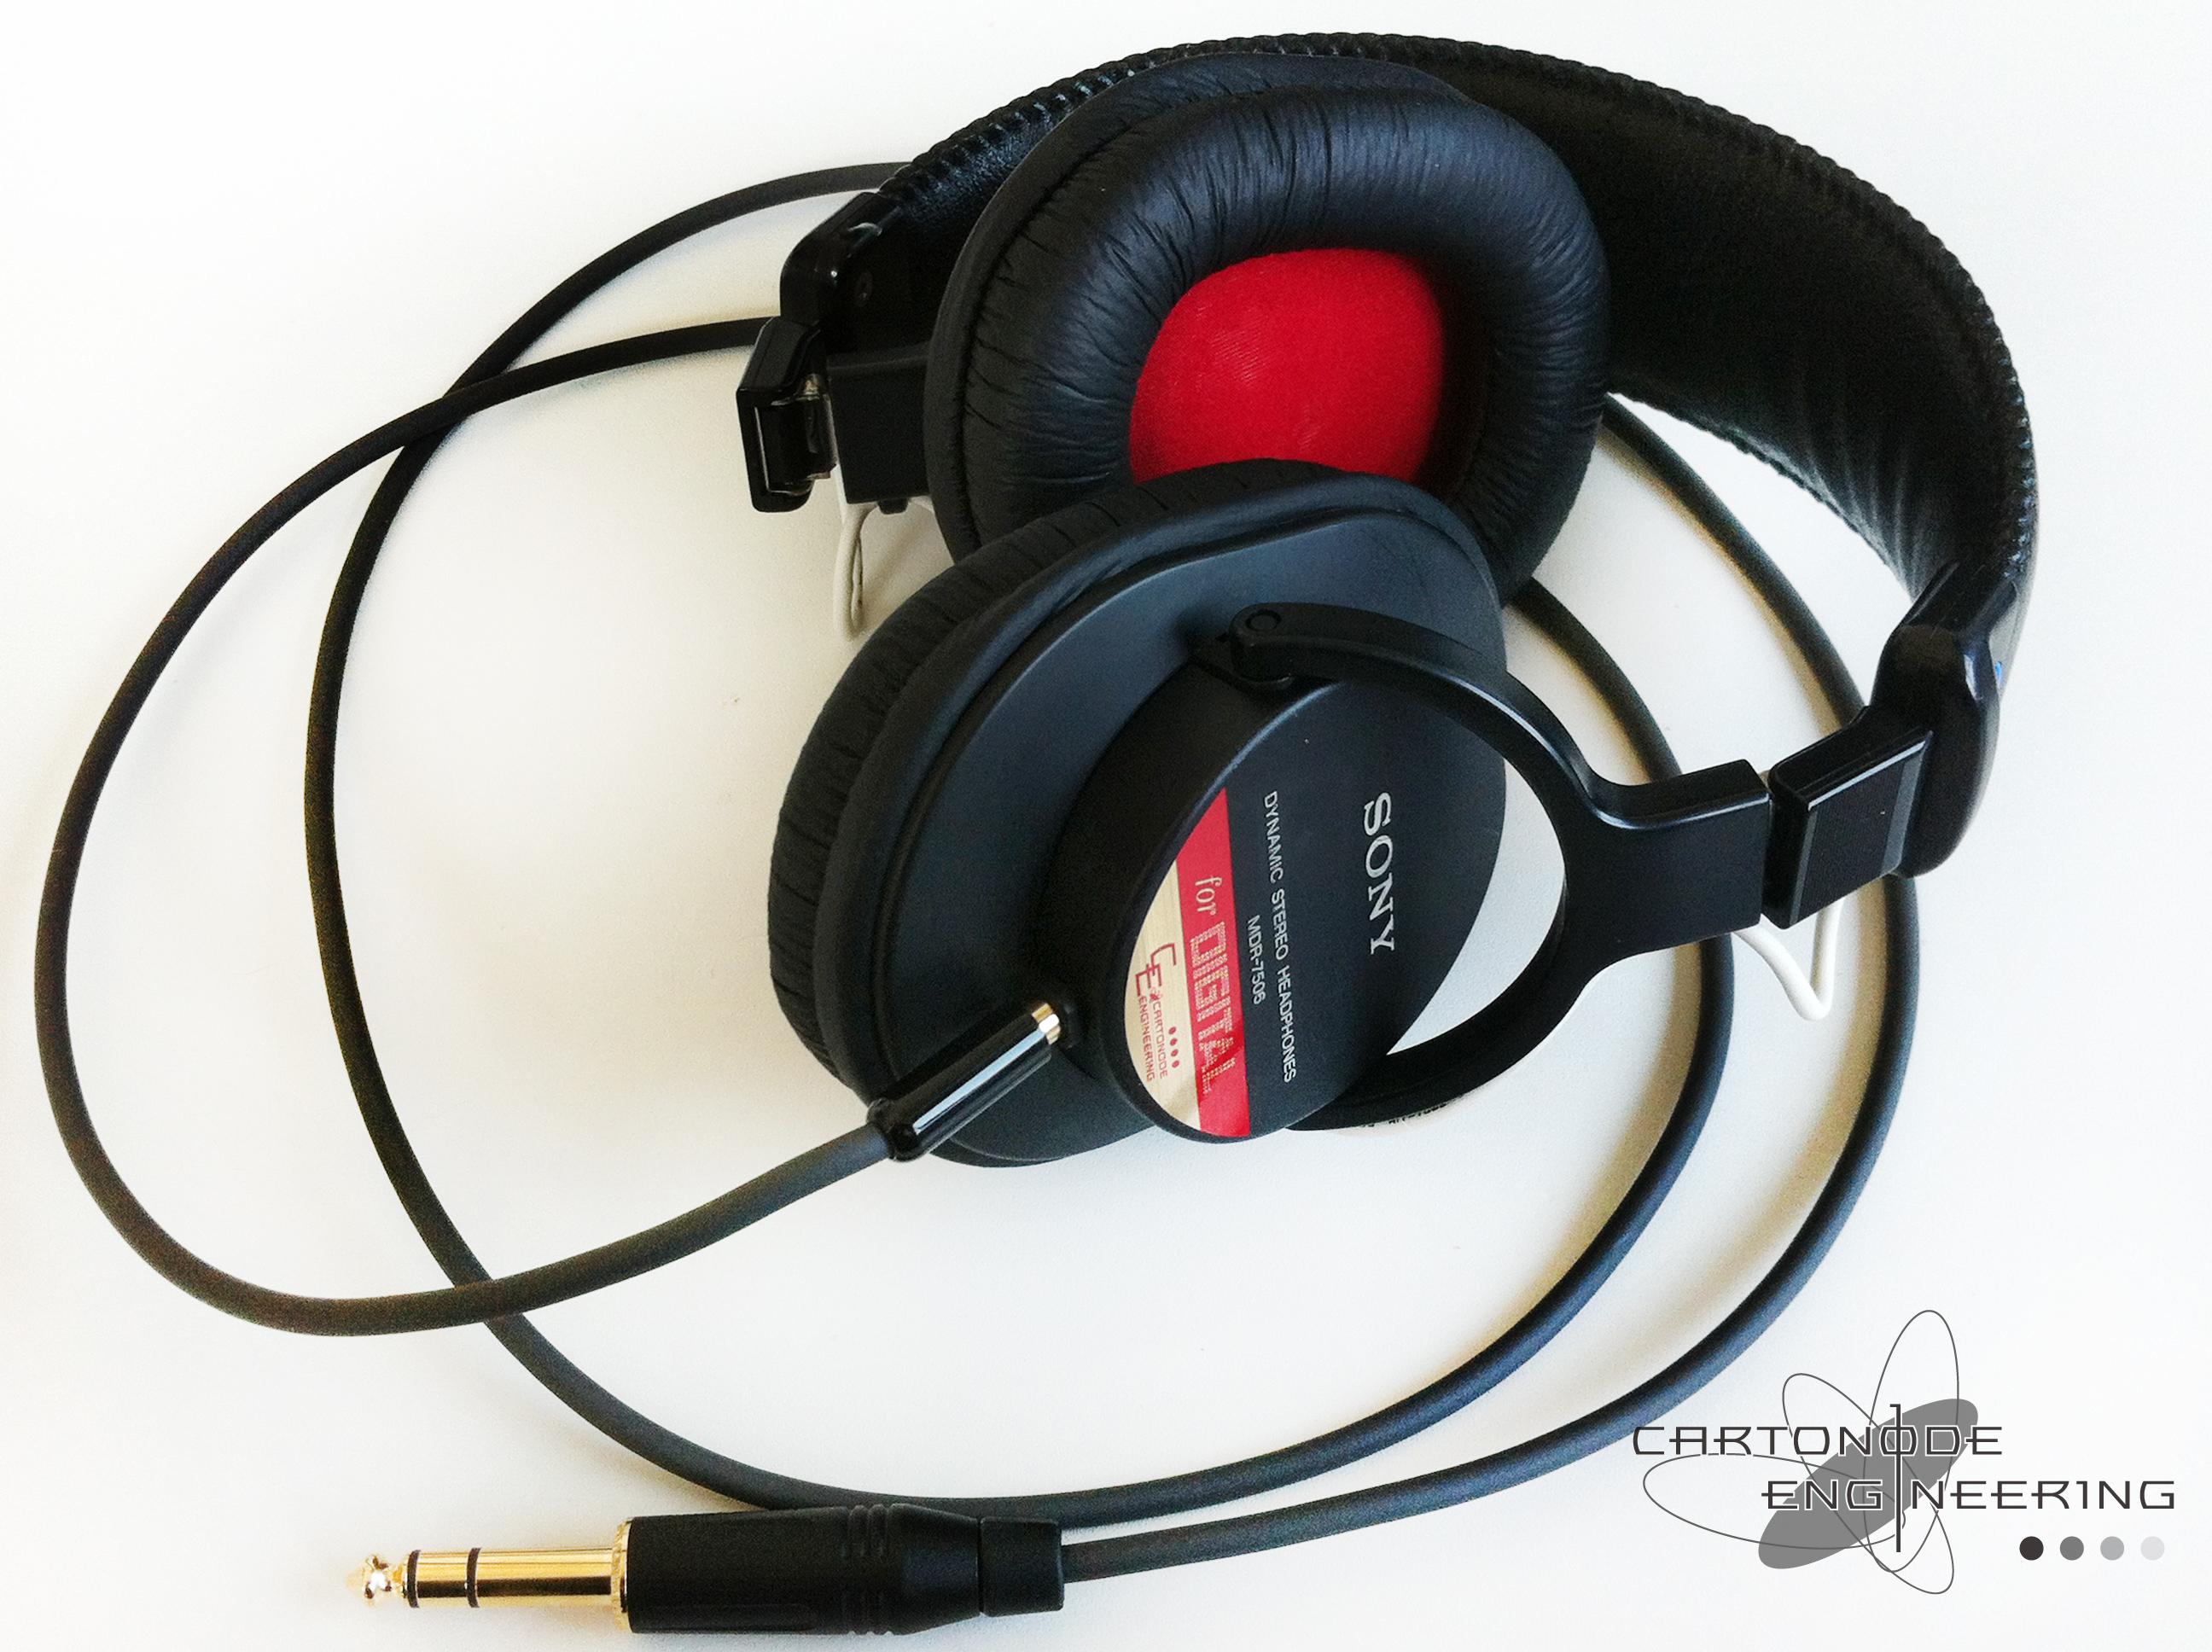 MDR7506-CEMOD